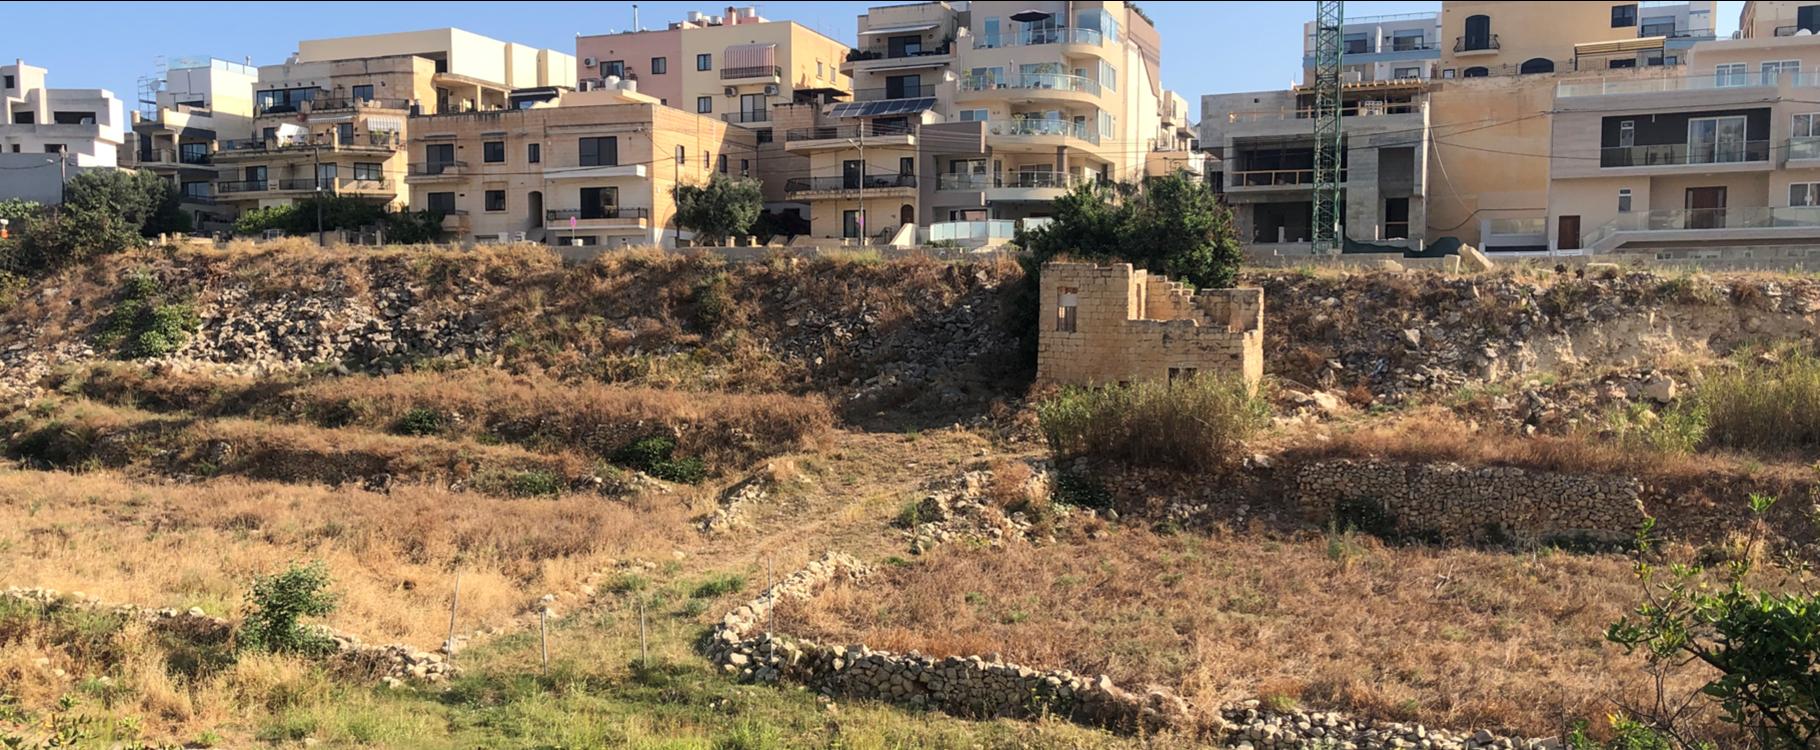 Wied Għomor